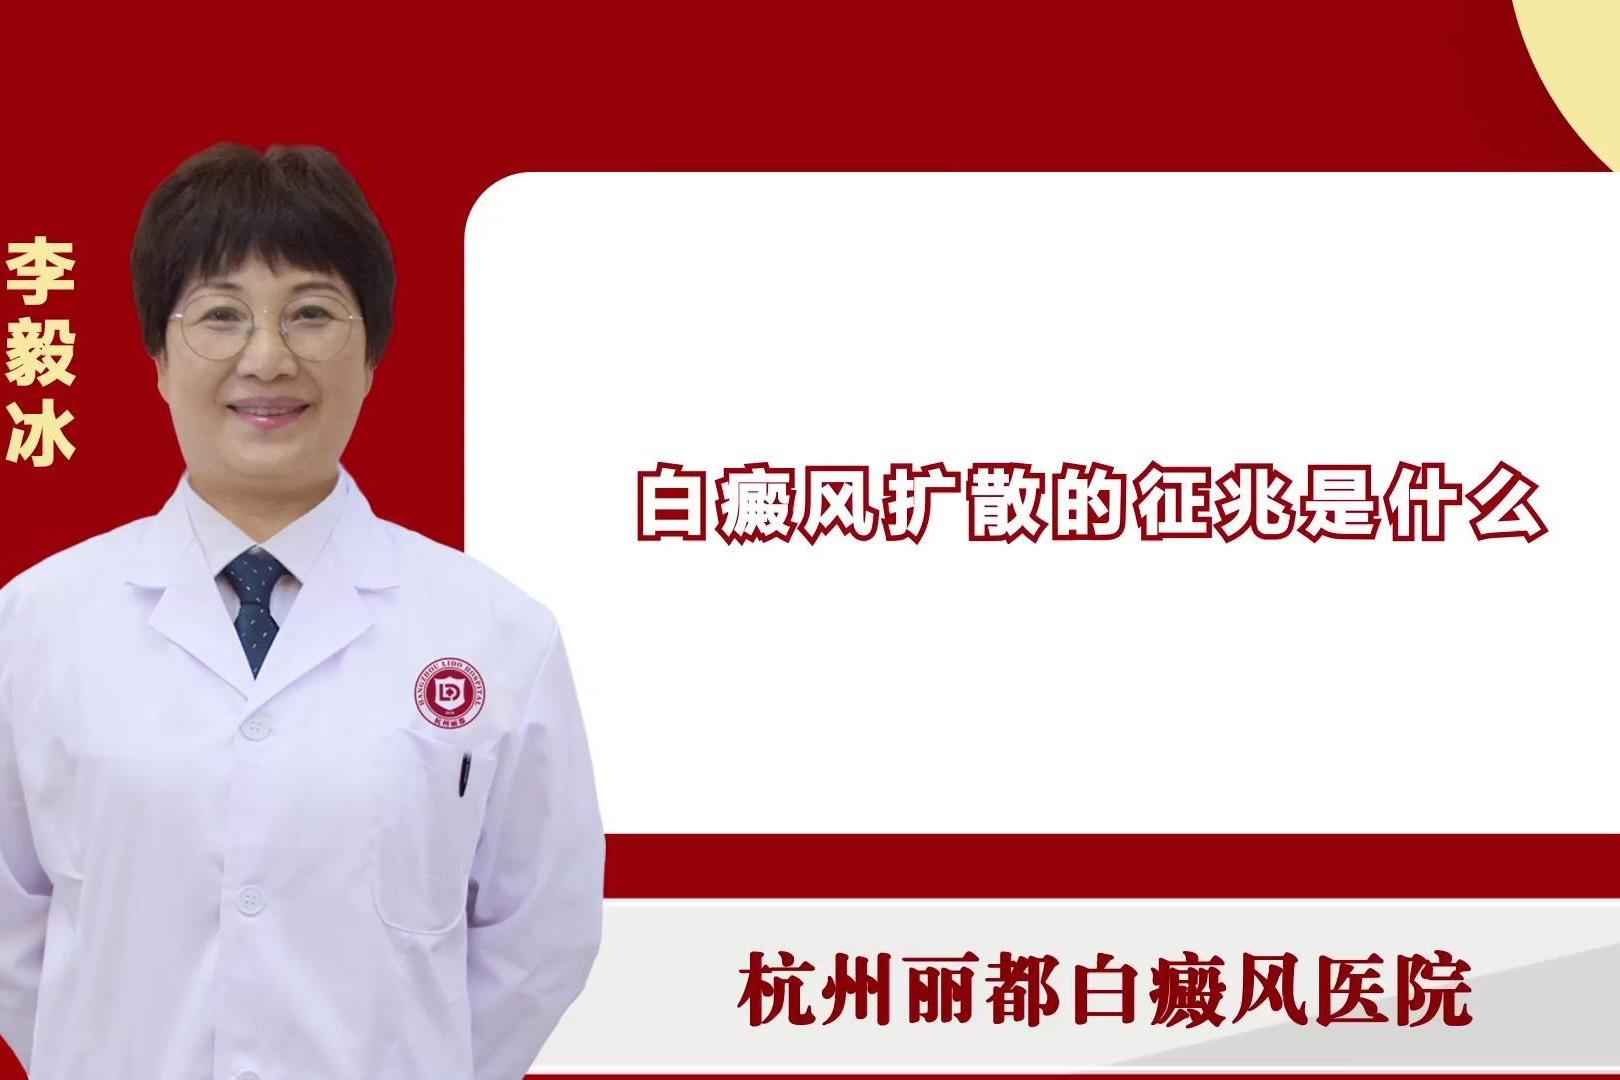 白癜风扩散的征兆是什么?杭州丽都白癜风医院李毅冰医生来讲解